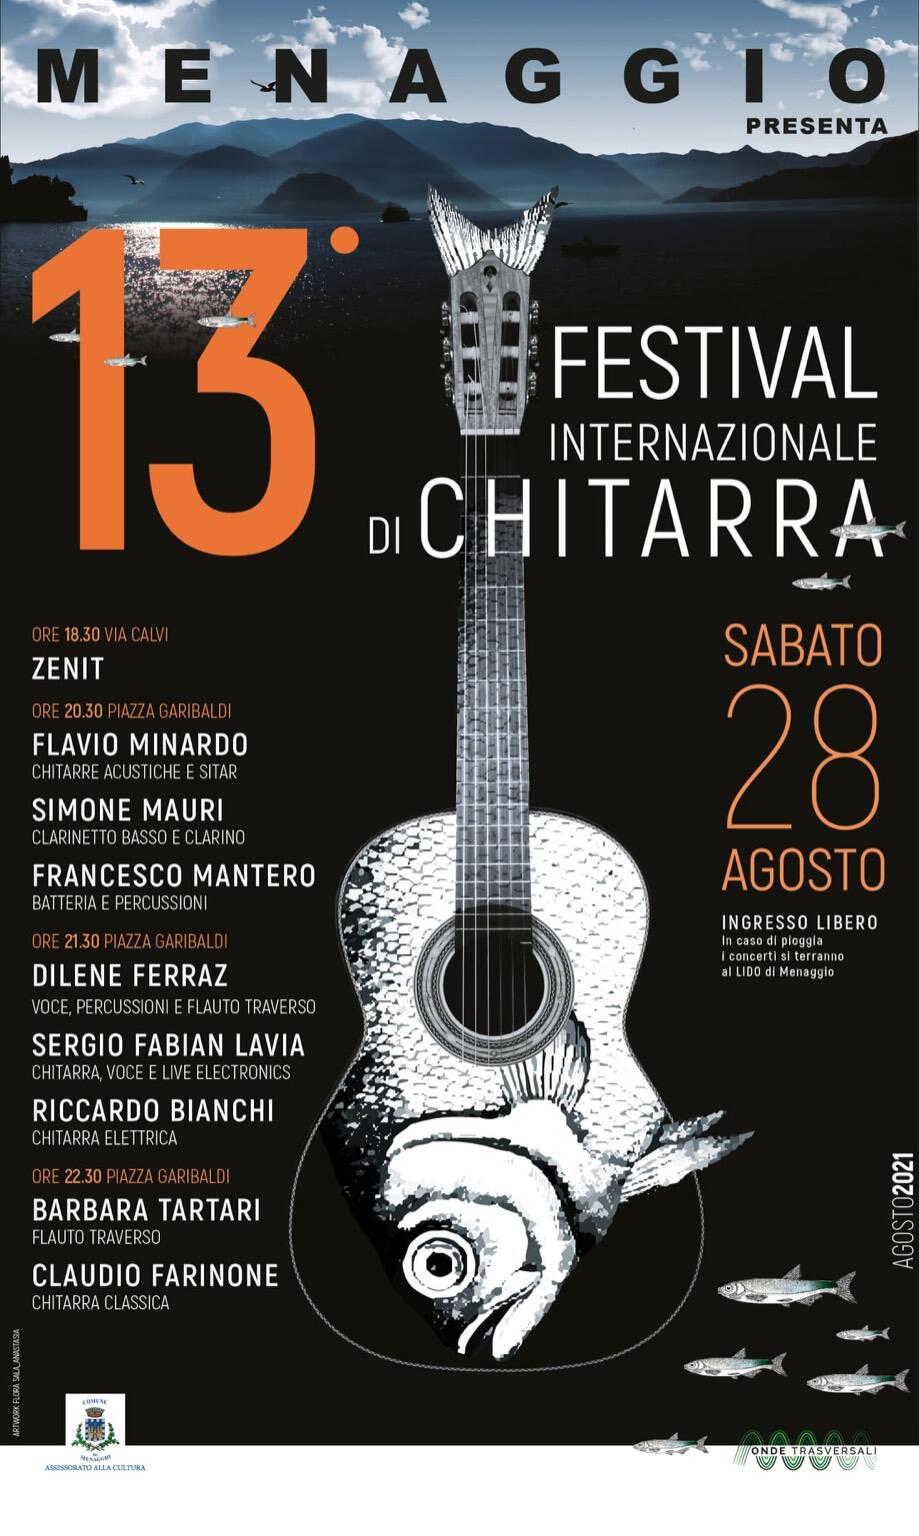 XIII Festival internazionale Chitarra Menaggio